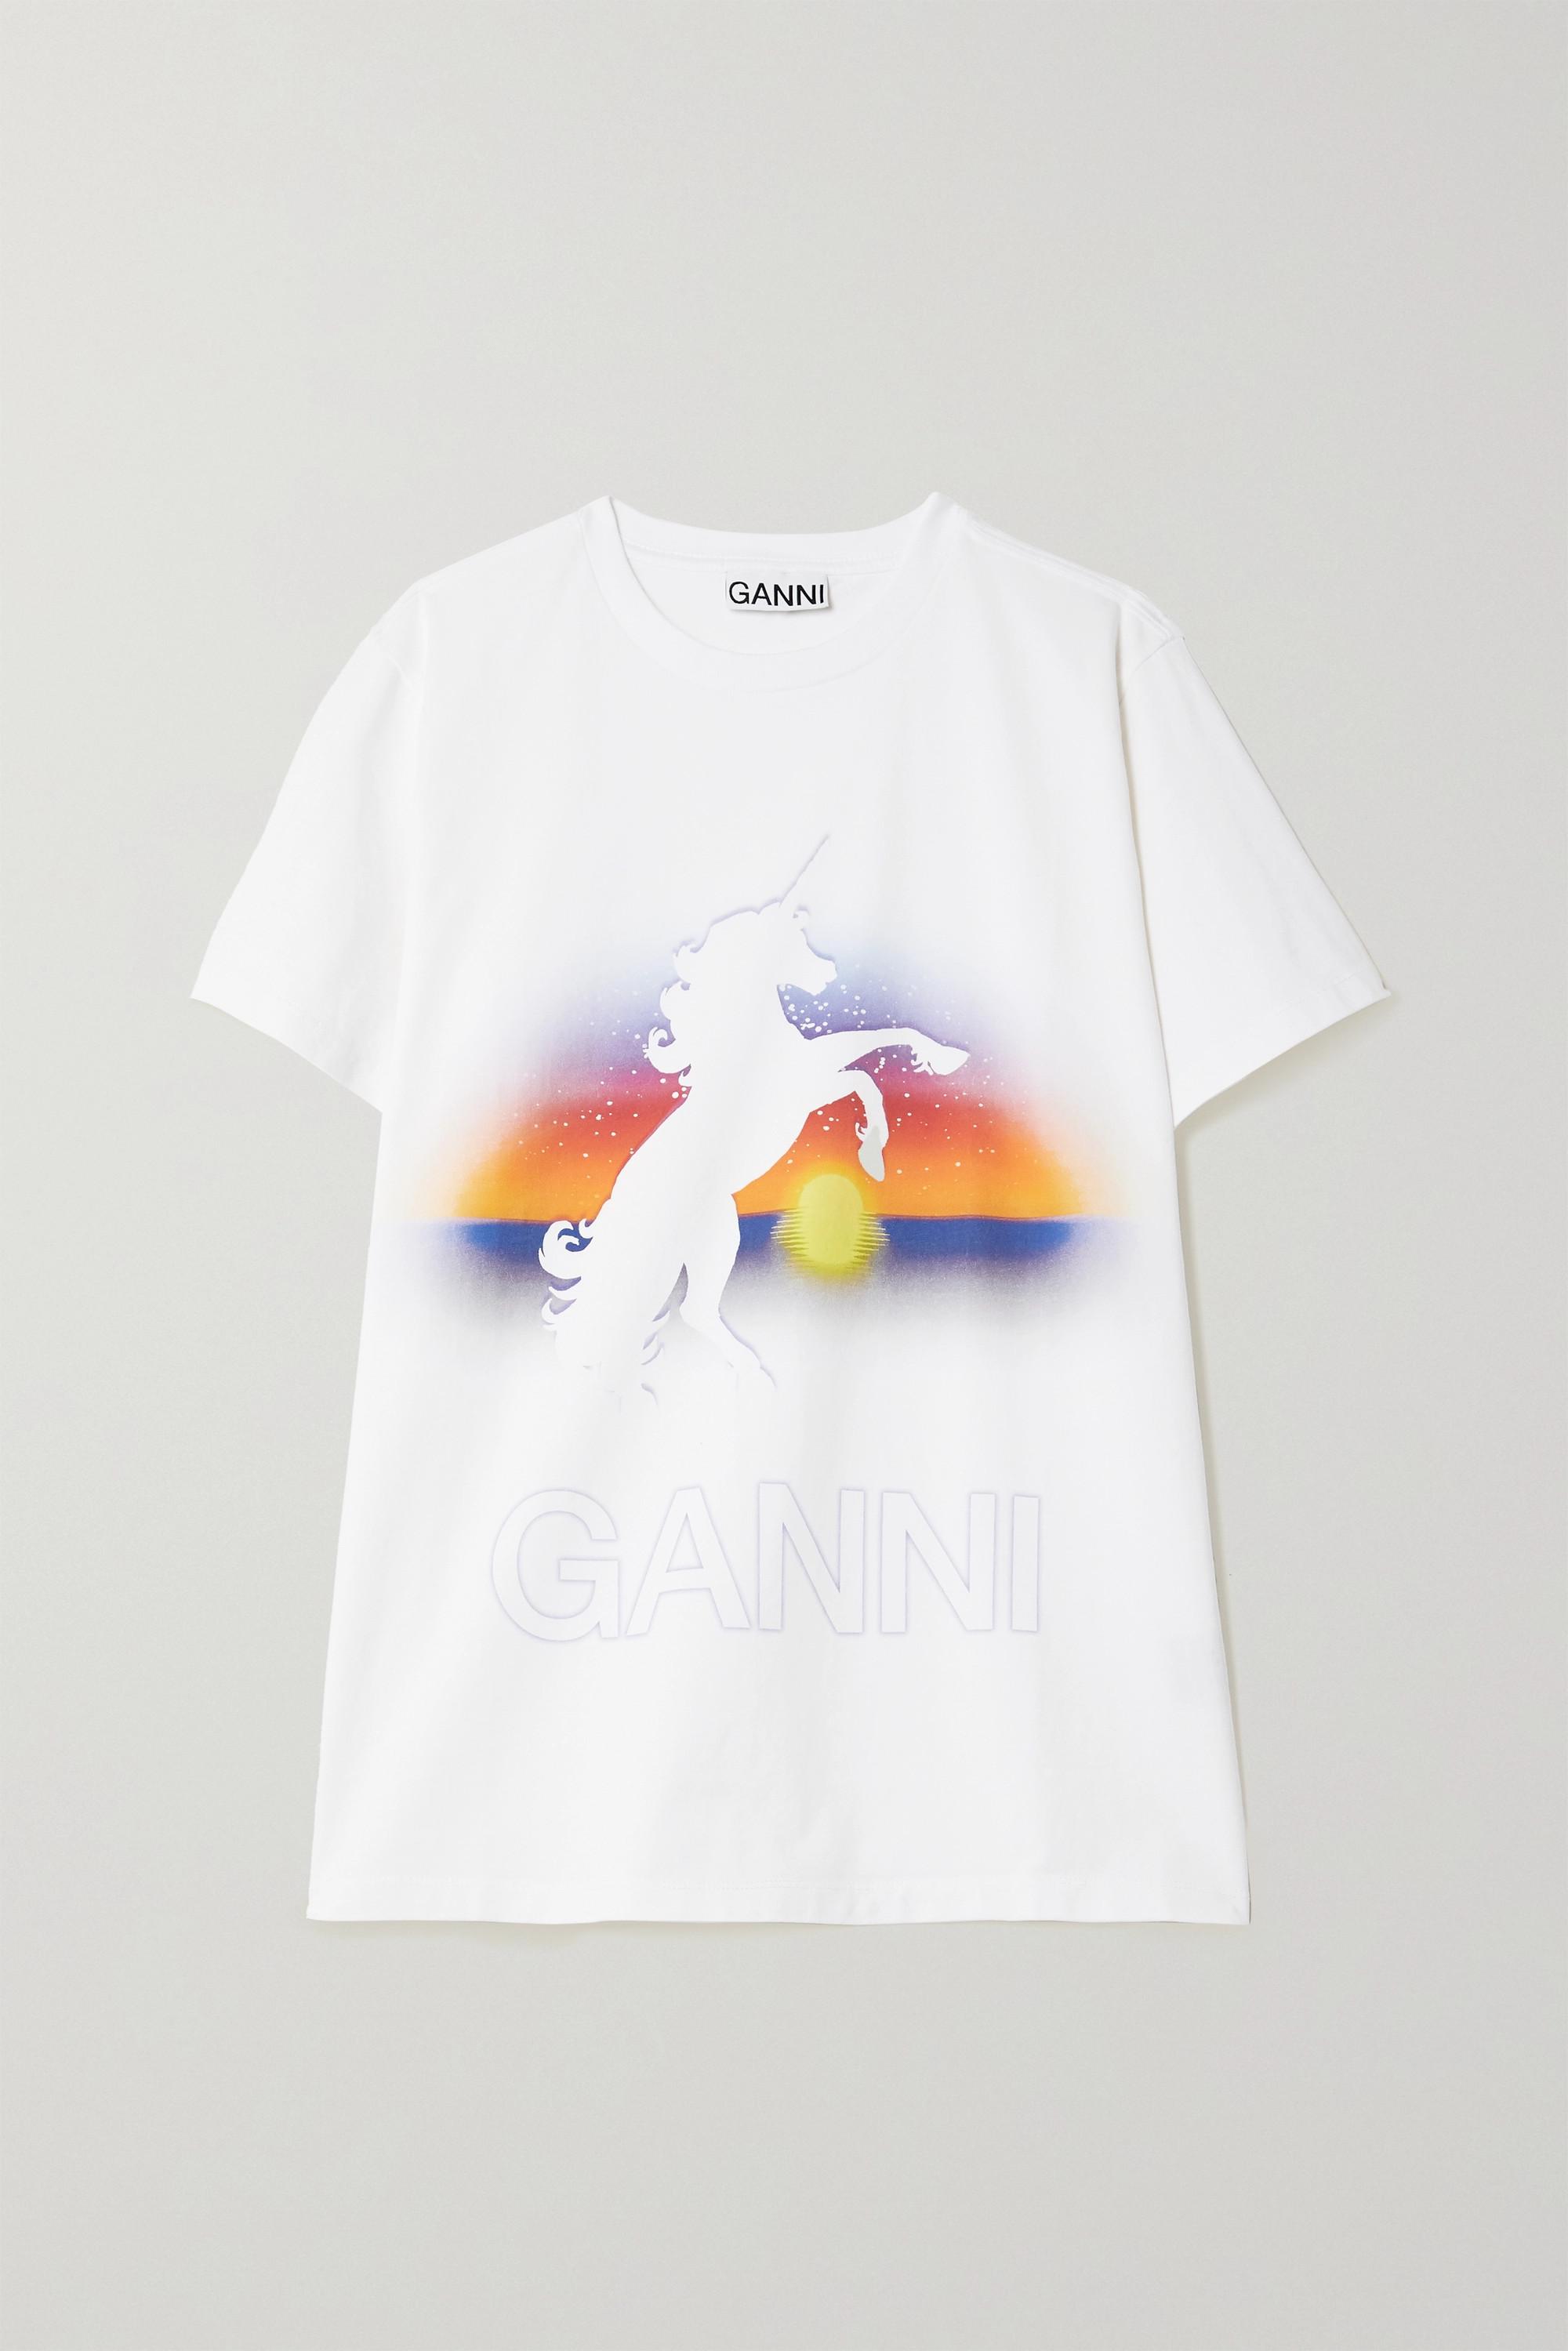 GANNI T-Shirt aus Biobaumwoll-Jersey mit Print